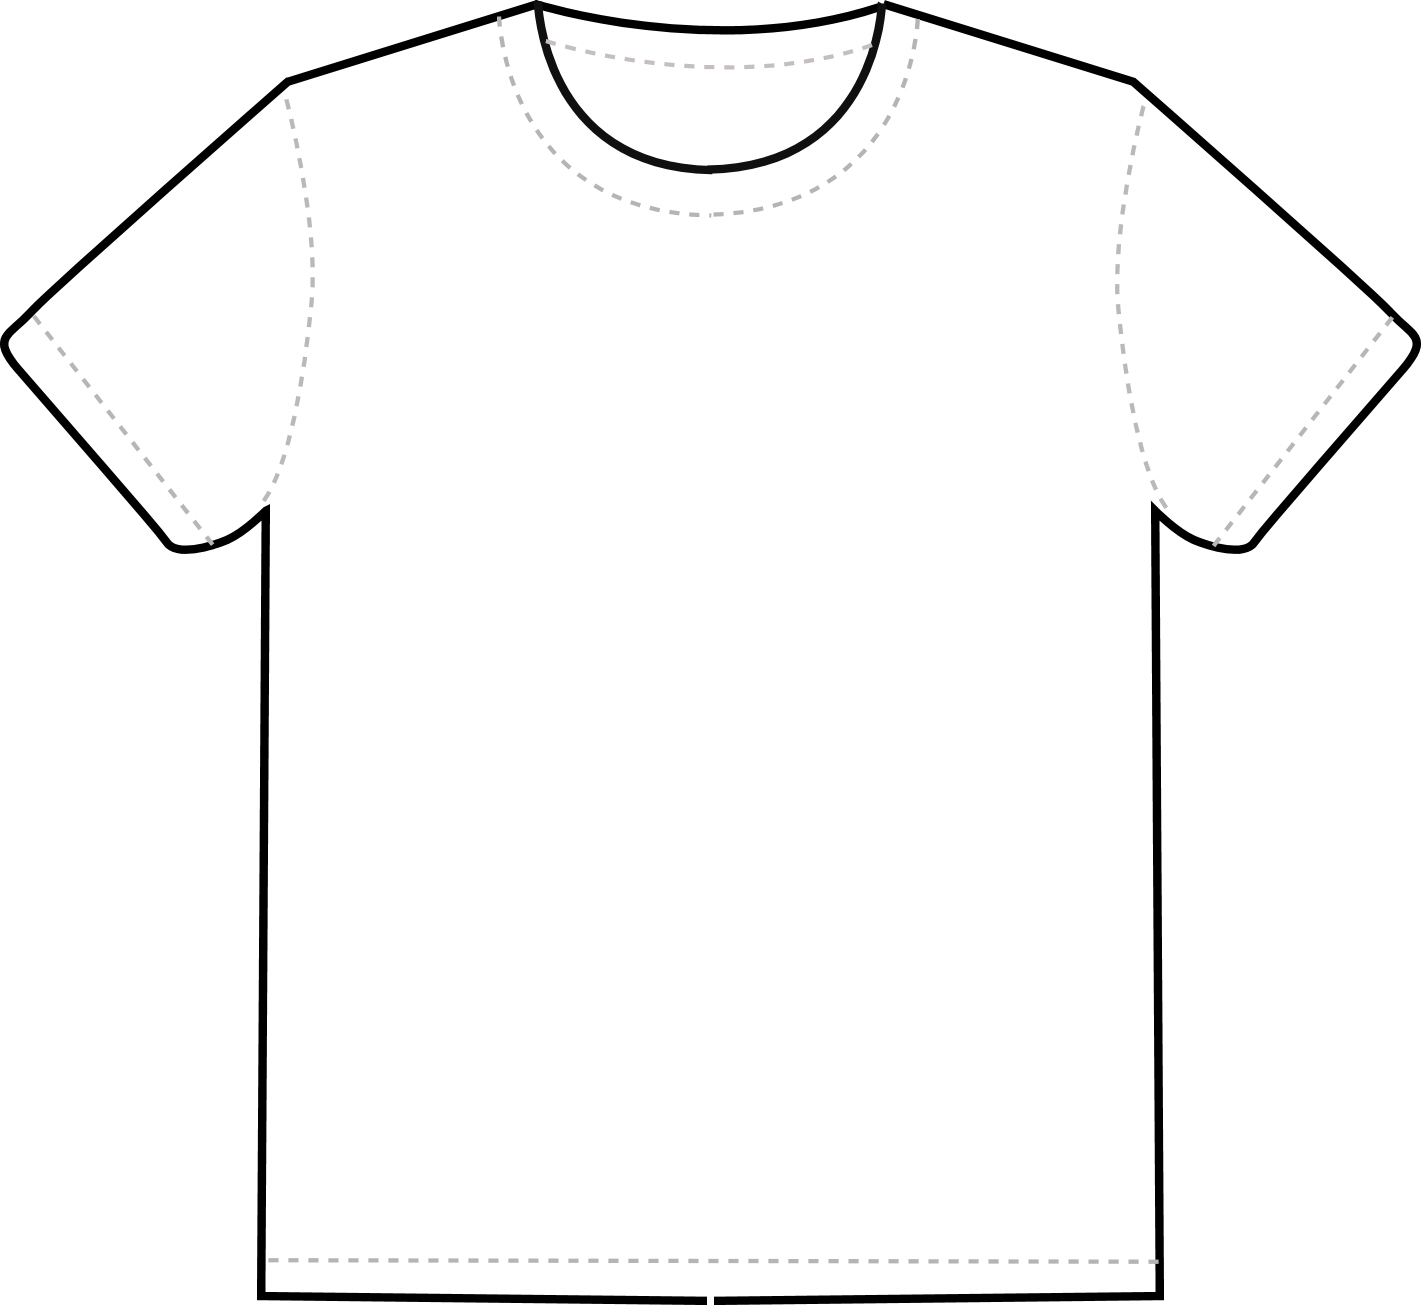 Clipart T Shirt Template Clipart Best Clipart Best